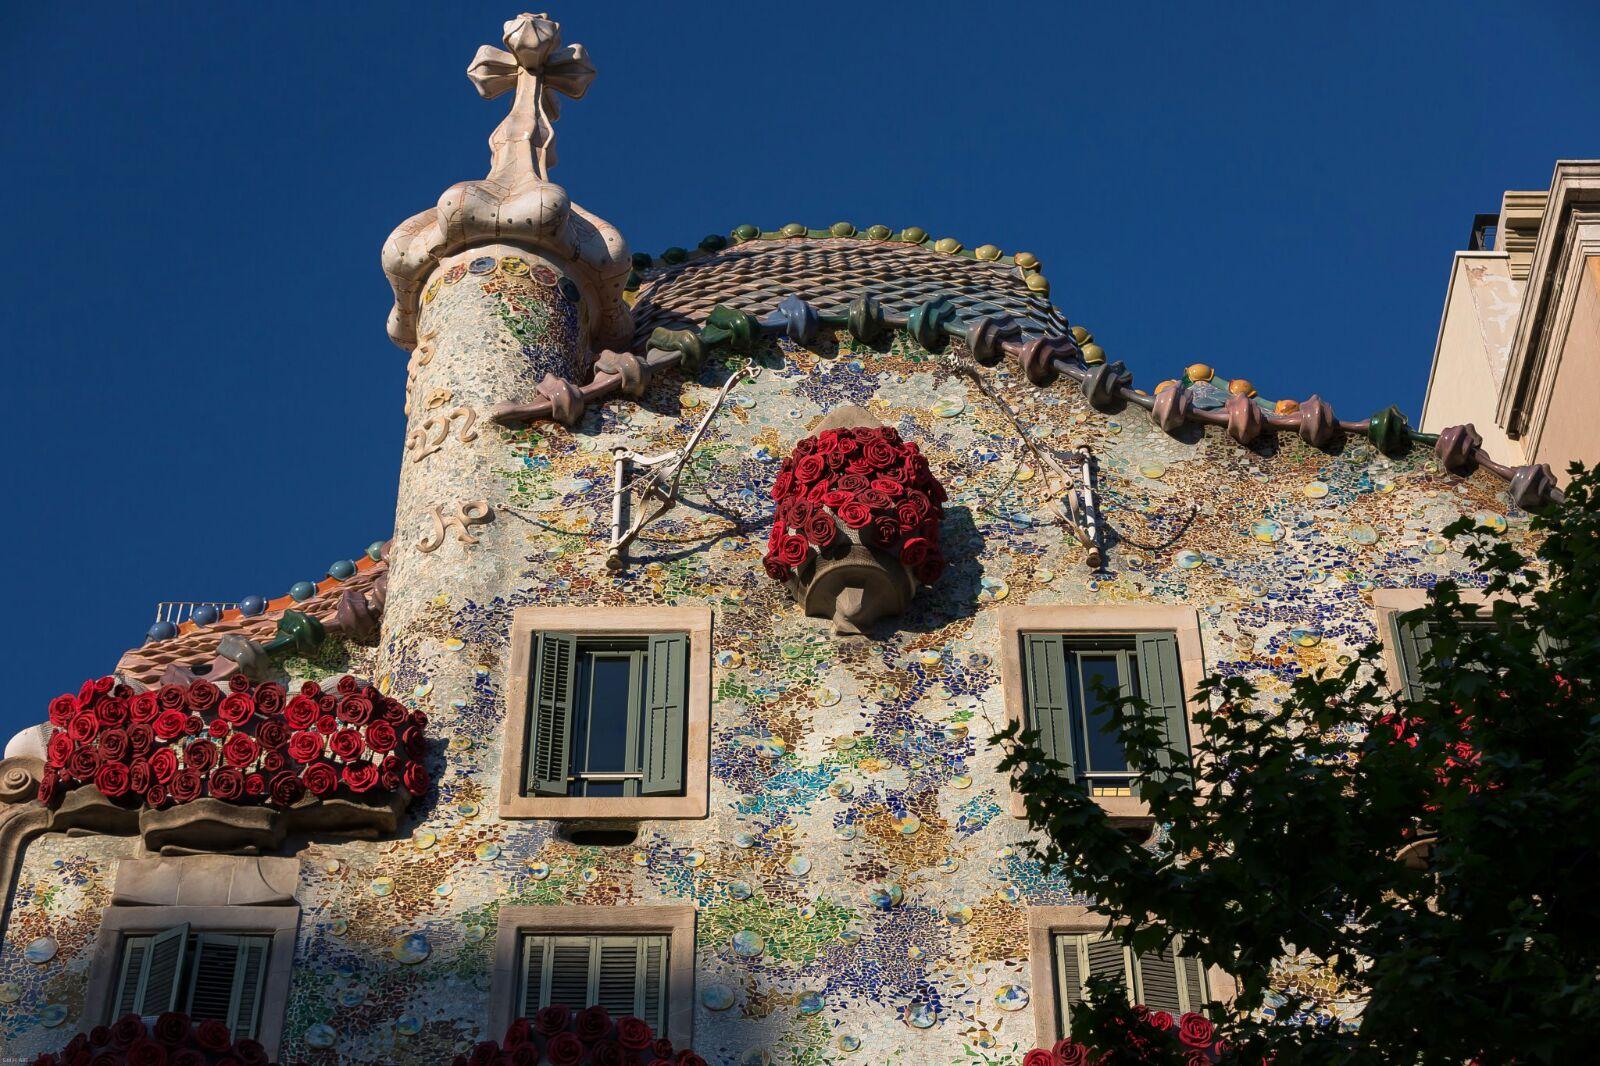 El balcón de la princesa cerca del dragón y la lanza...